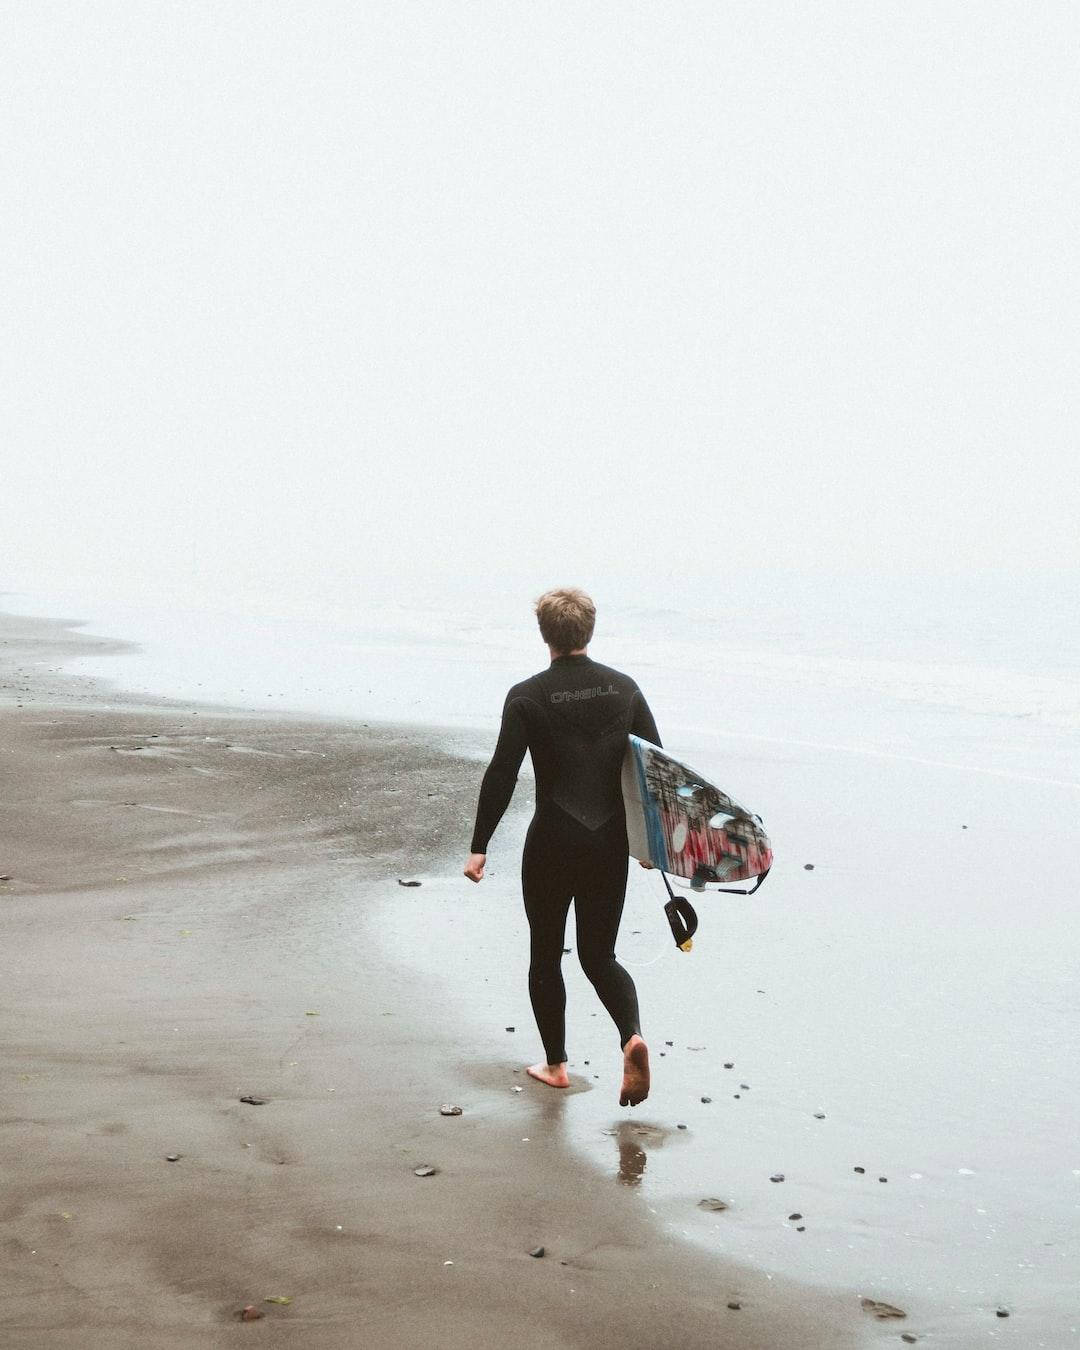 Morning Surf Rides